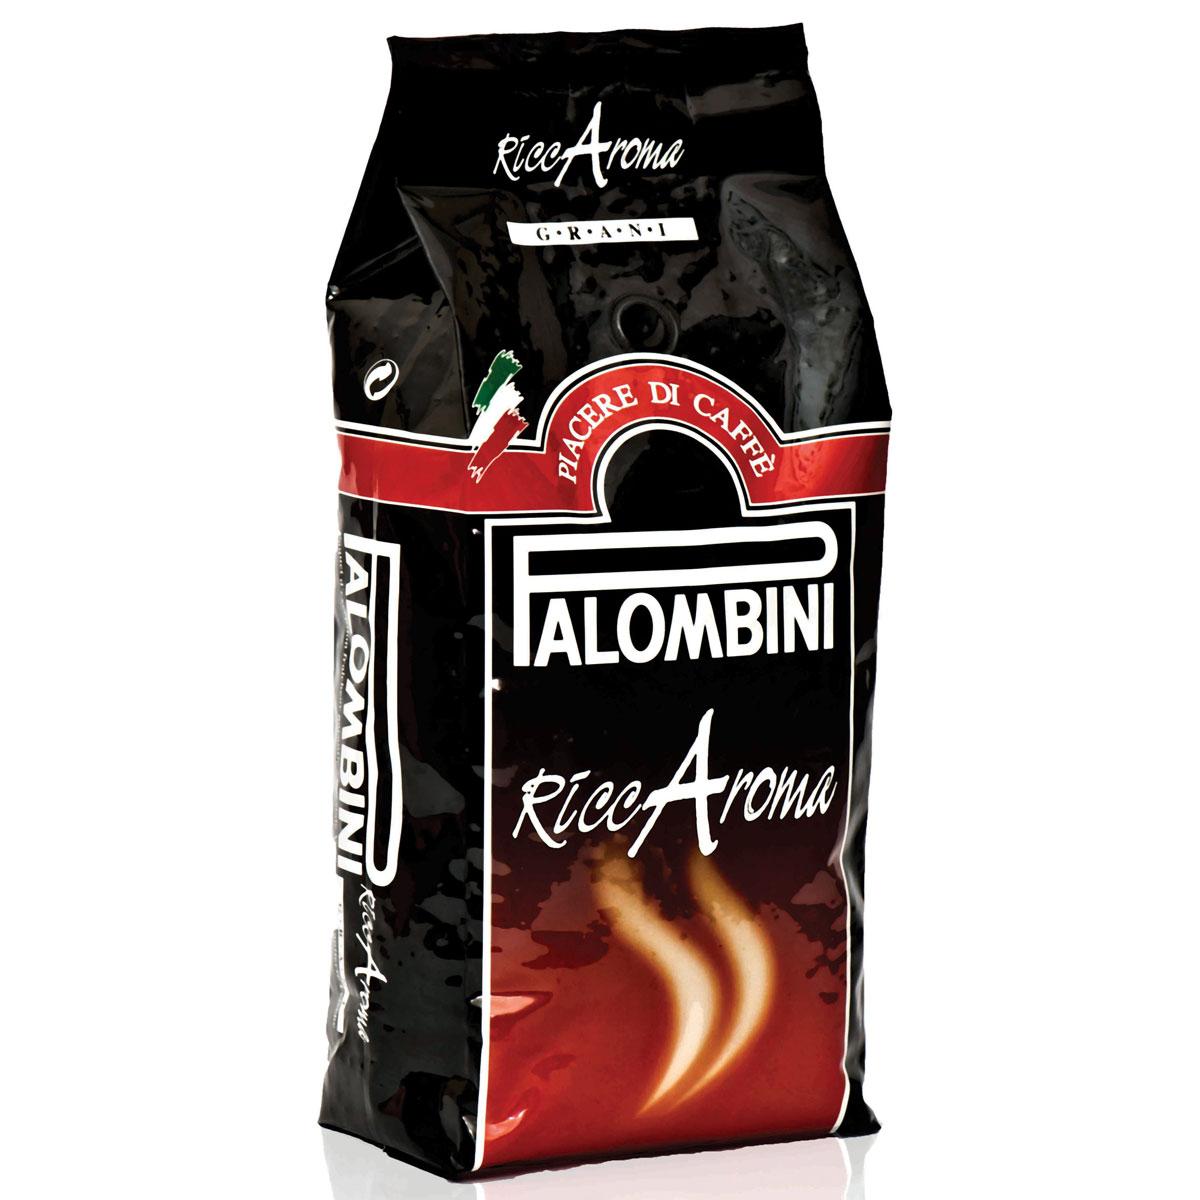 Palombini Riccaroma кофе в зернах, 1 кг0120710Натуральный жареный кофе в зернах Palombini Riccaroma, высшего сорта. Совершенное сочетание насыщенной консистенции и устойчивой пенки создает приятныймягкий вкус.Рекомендуется для приготовления: эспрессо, капучино, ристретто. Смесь содержит 90% арабики и 10% робусты.